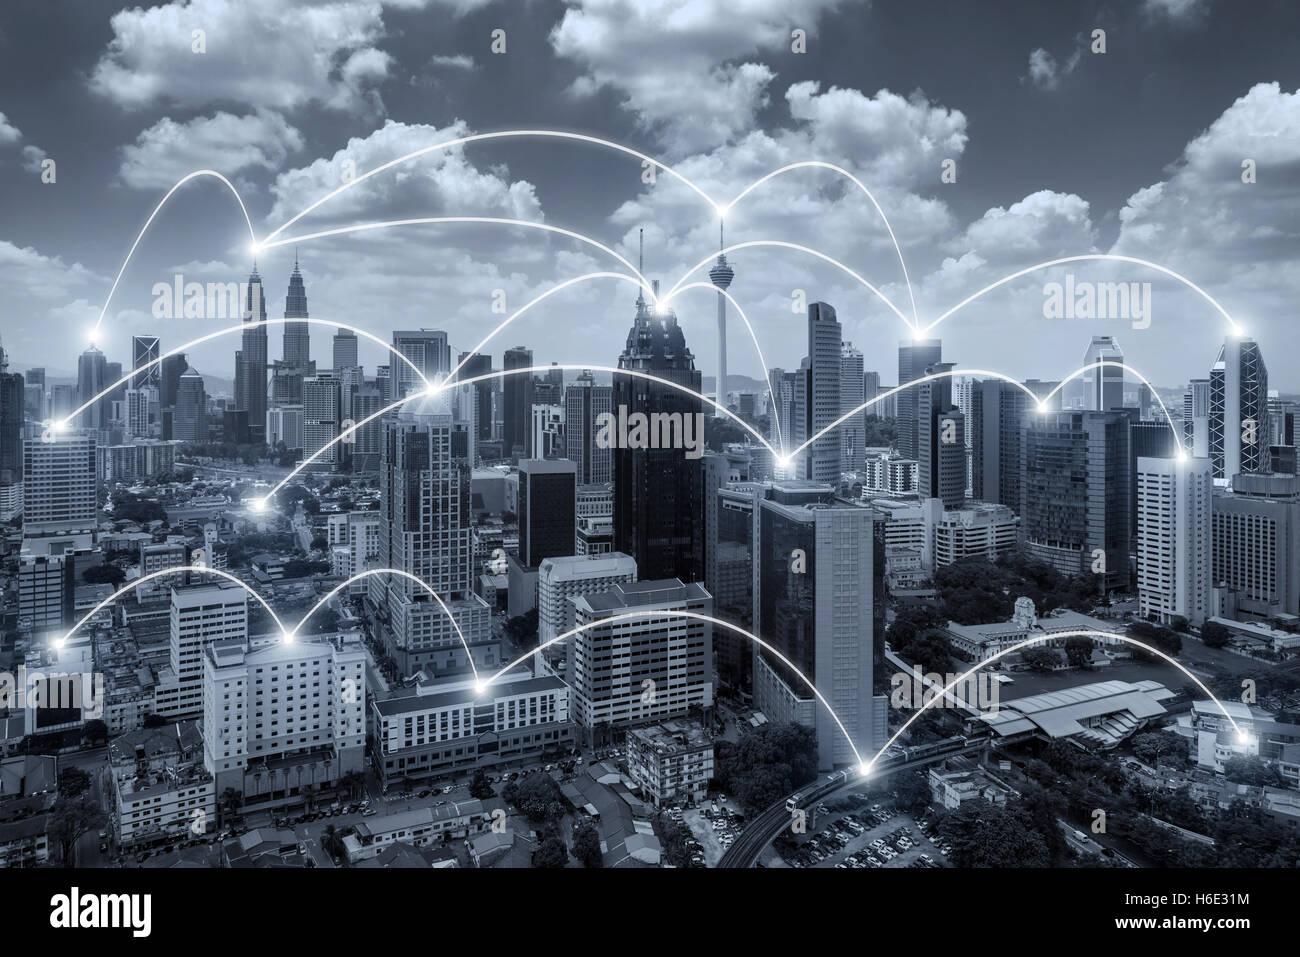 Netzwerk-Verbindung Geschäftssystem auf Kuala Lumpur Stadt im Hintergrund. Netzwerk-Verbindung Geschäftskonzept. Stockbild